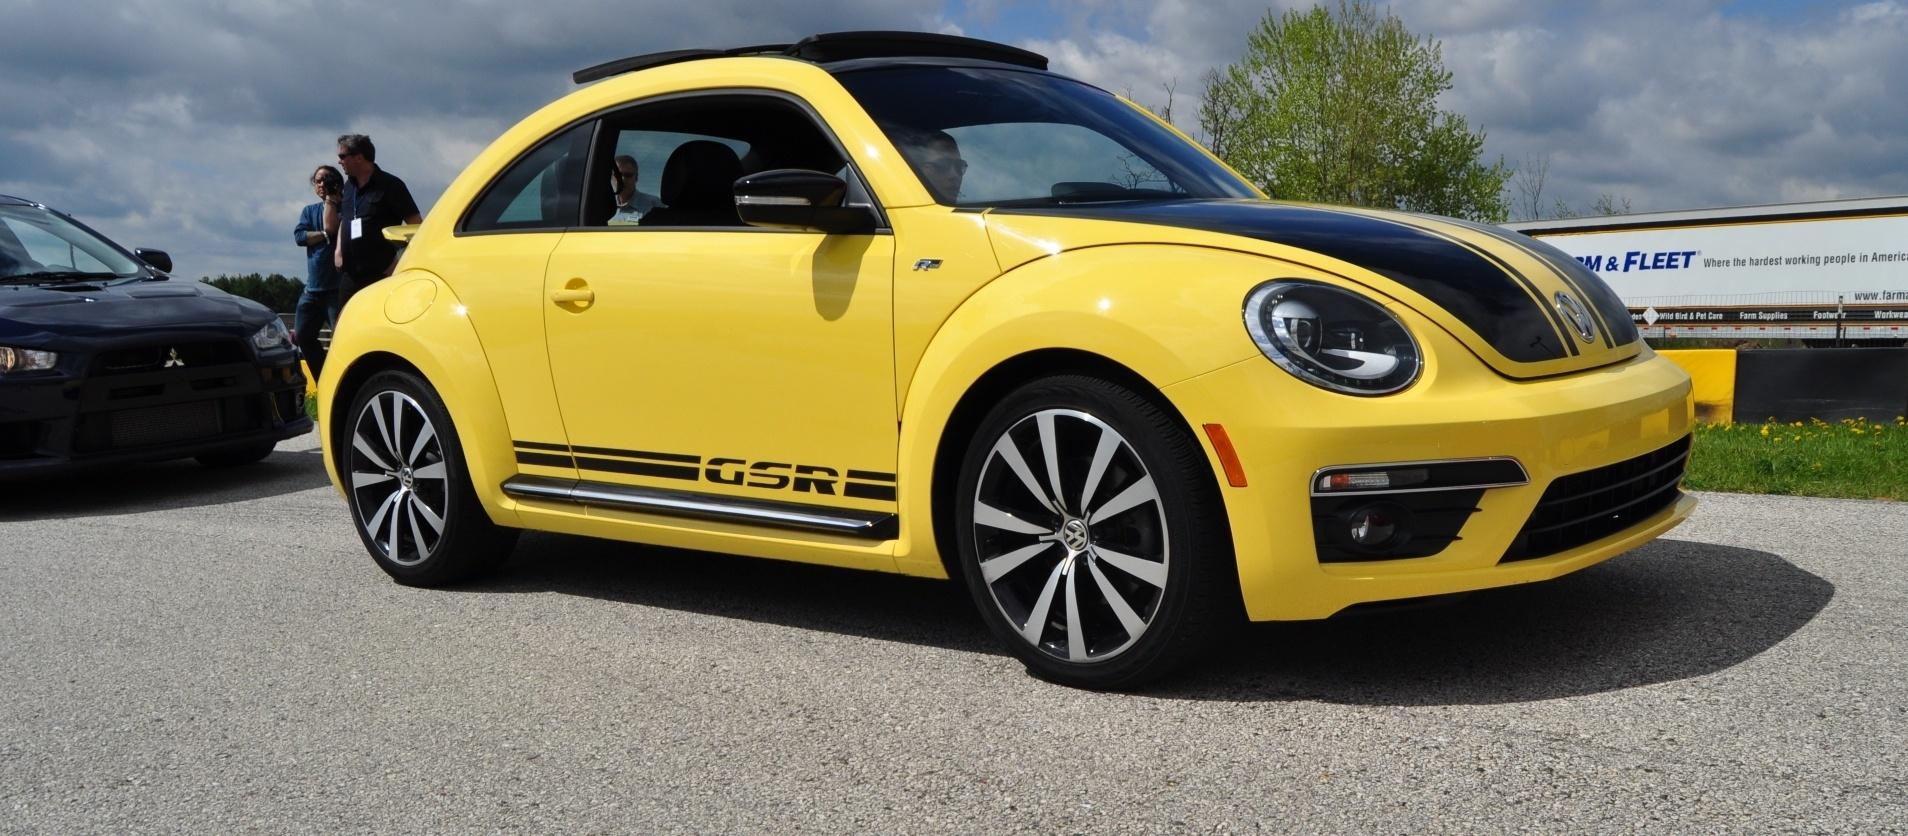 2014 volkswagen beetle gsr on go kart autocross. Black Bedroom Furniture Sets. Home Design Ideas